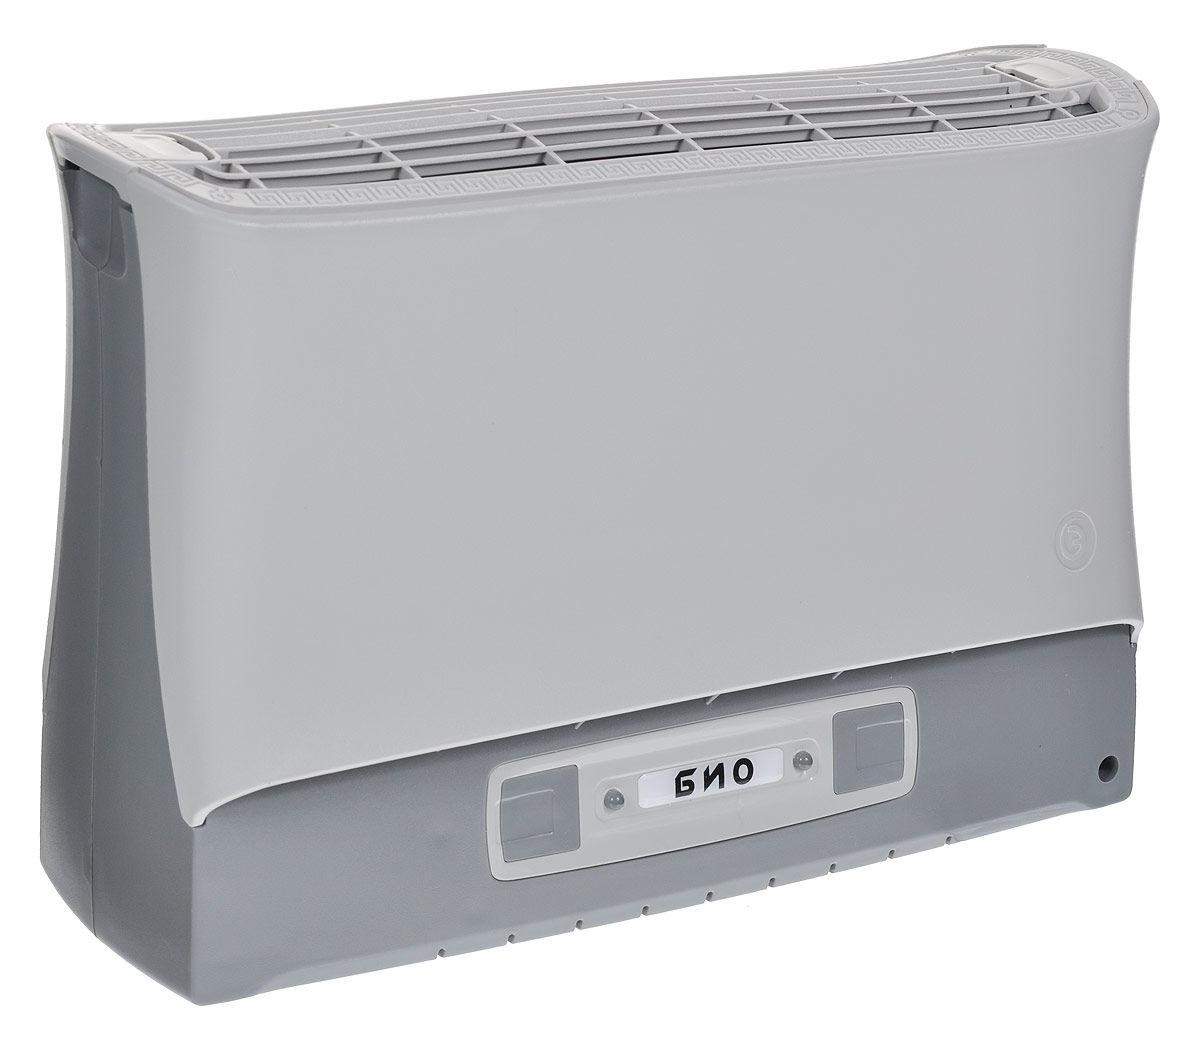 Очиститель-ионизатор воздуха Супер-плюс-Био серый очиститель воздуха в автомобиль